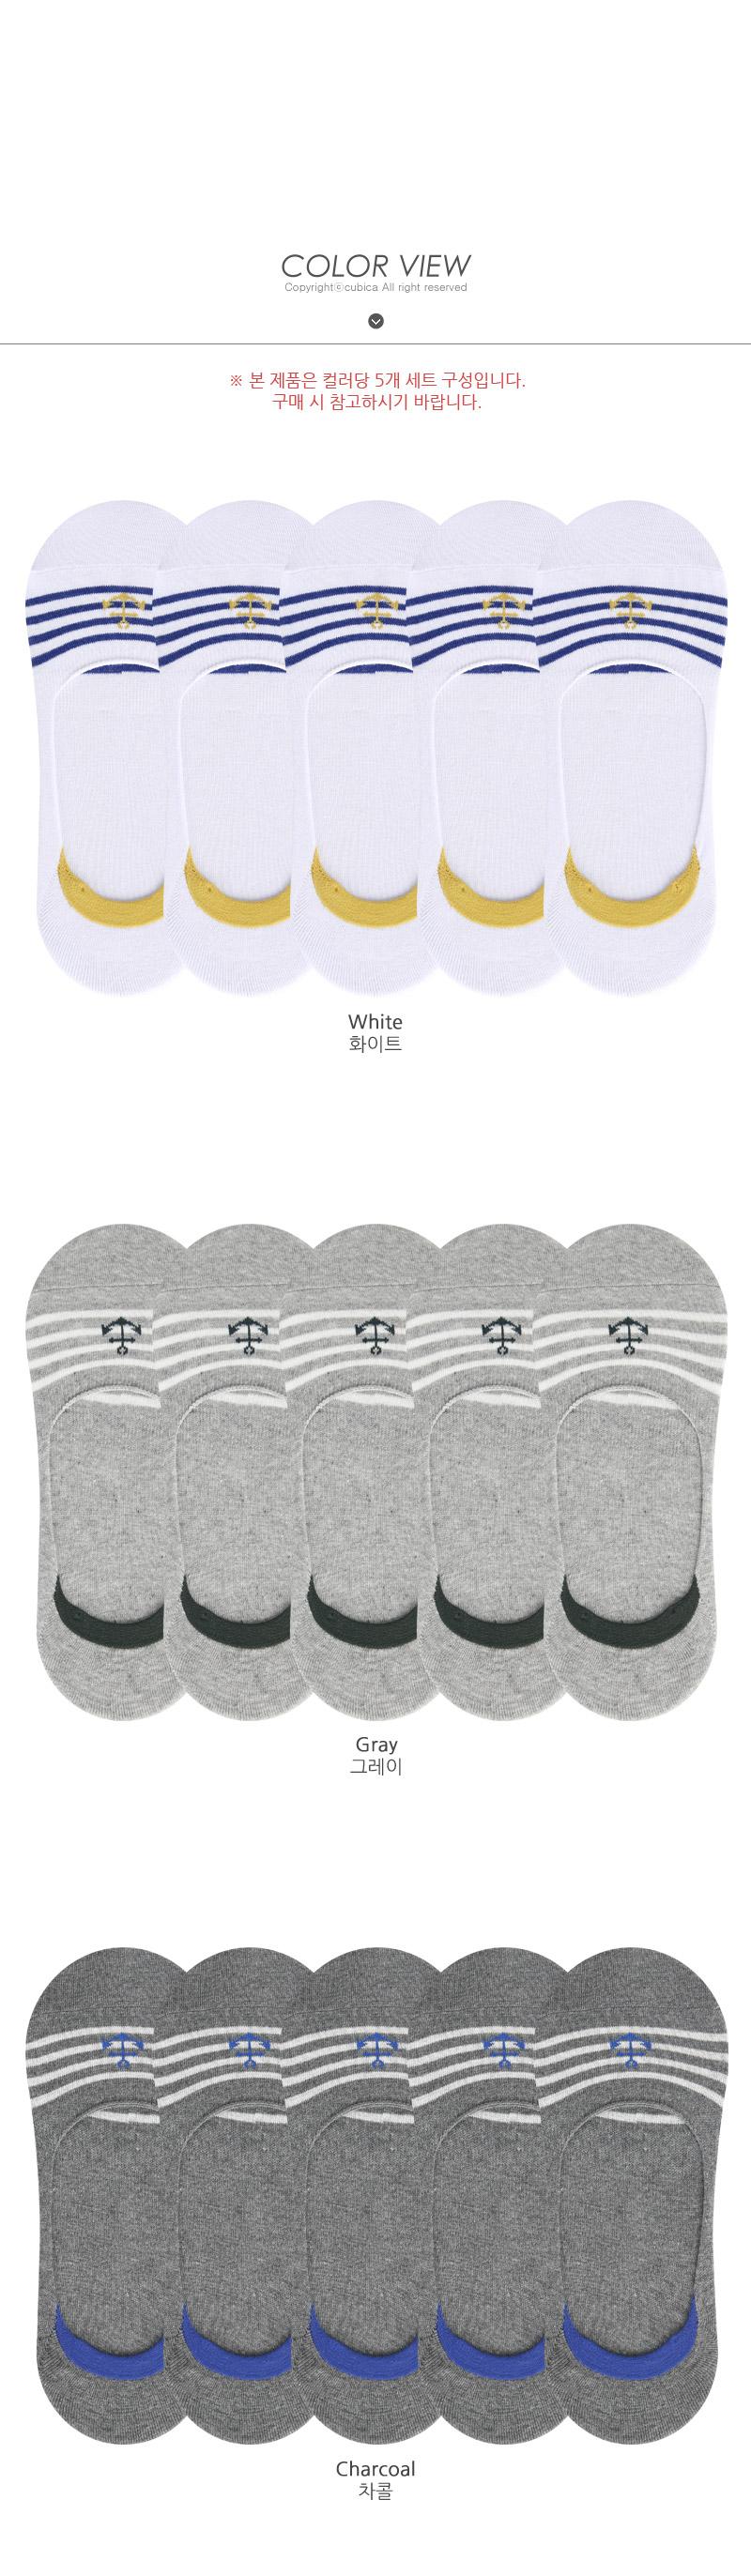 페이크삭스 마린 닻 실리콘덧신 남성양말 5족 - 쿠비카, 9,900원, 남성양말, 페이크삭스